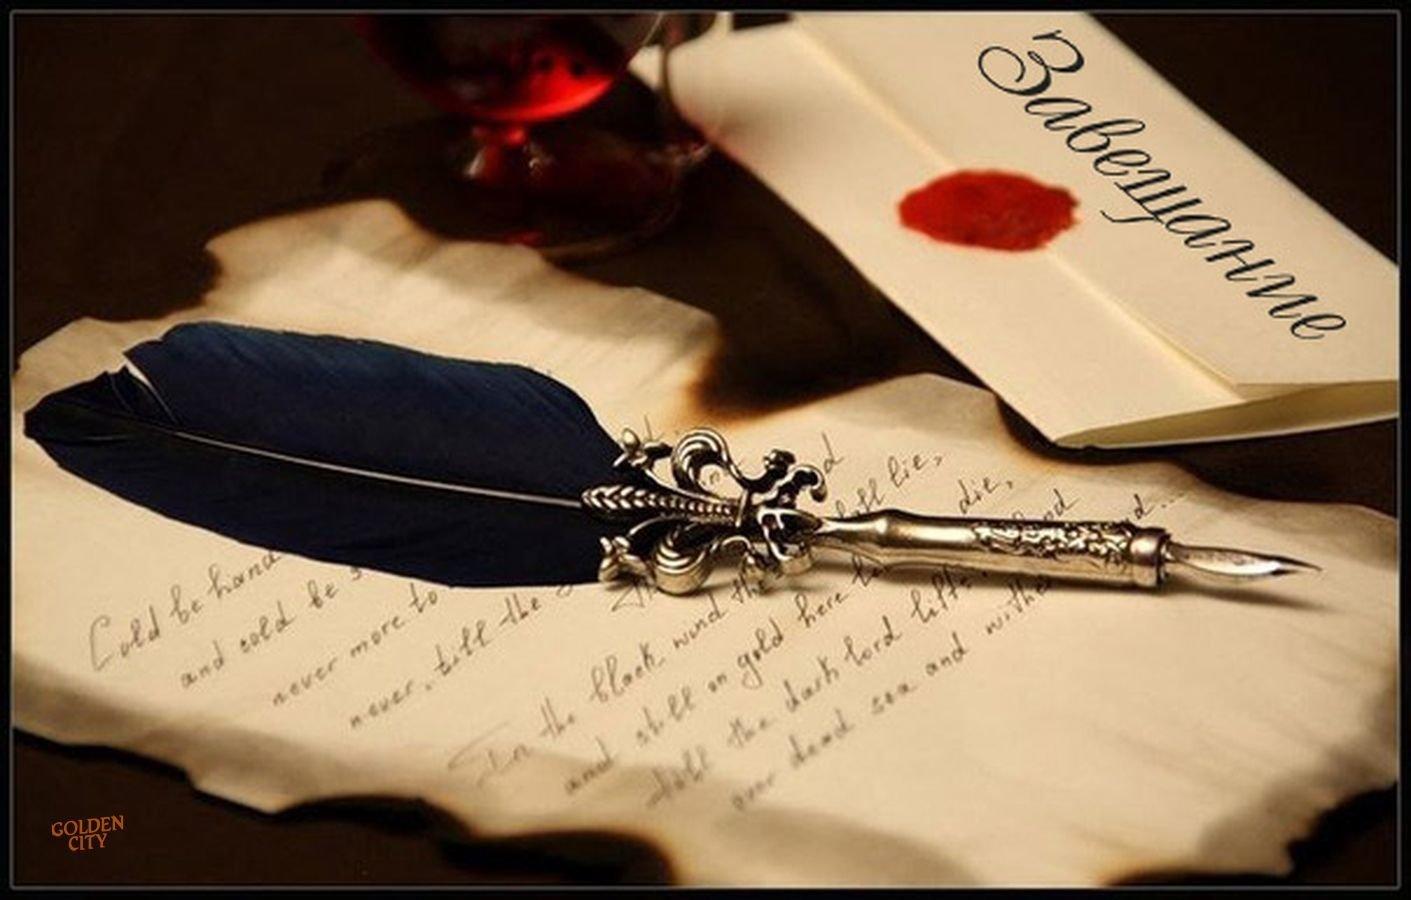 Читаю свой дневник листаю я те дни где от руки твоё письмо ты меня прости